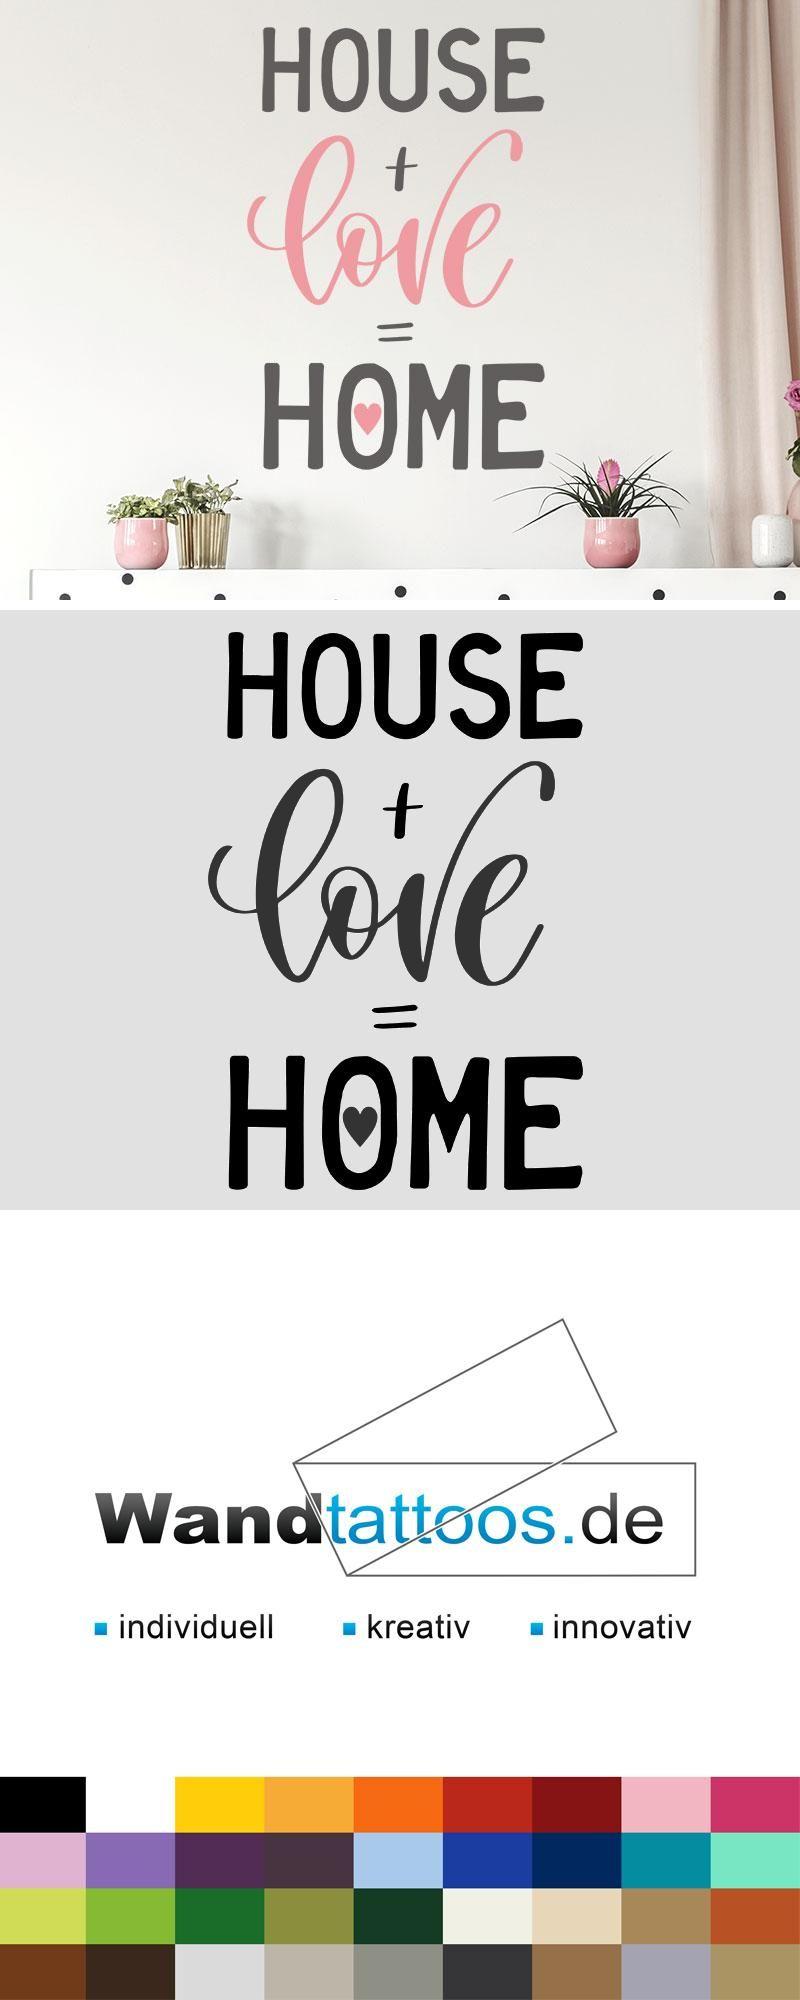 Wandtattoo House love home als Idee zur individuellen ...